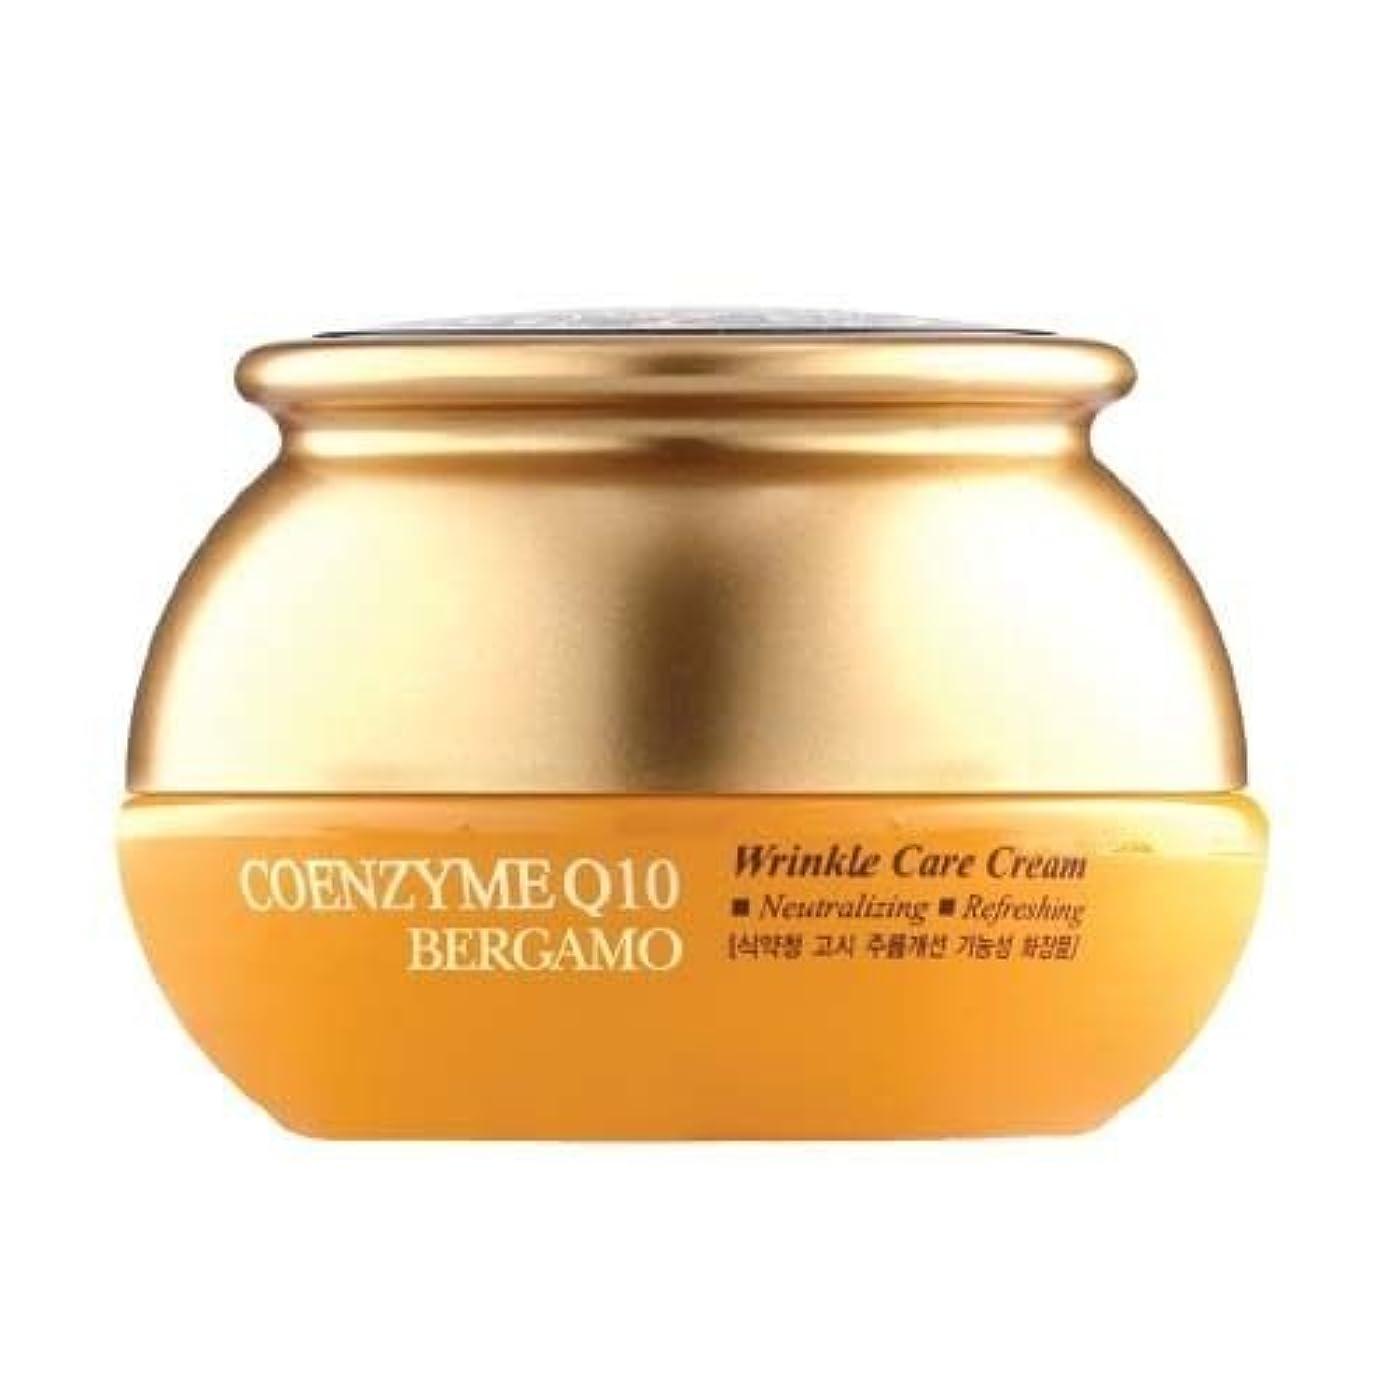 流行している破産手伝うベルガモ[韓国コスメBergamo]Coenzyme Q10 Wrinkle Care Cream コエンザイムQ10リンクルケアクリーム50ml しわ管理 [並行輸入品]